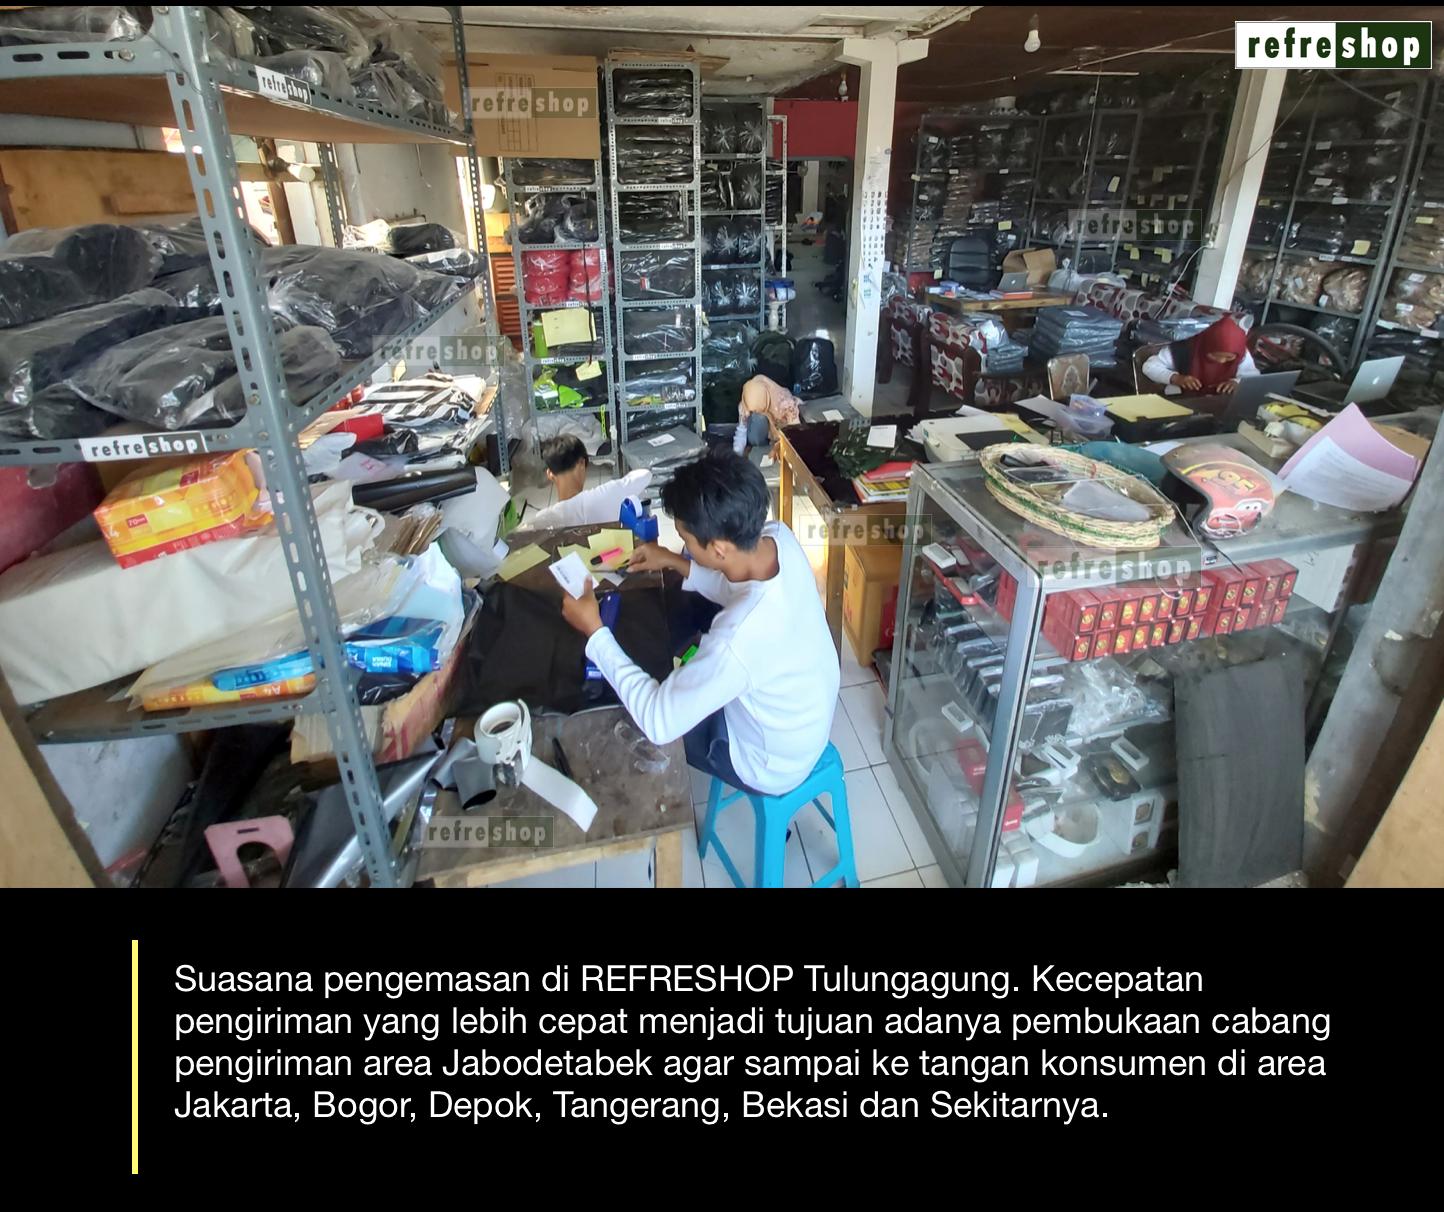 Suasana Pengemasan di Toko Tas Army Tactical Refreshop Tulungagung. Pembukaan Refreshop Area Jabodetabek bertujuan untuk pengiriman agar lebih cepat sampai ke konsumen khususnya area Jakarta, Bogor, Depok, Tangerang, Bekasi dan sekitarnya.